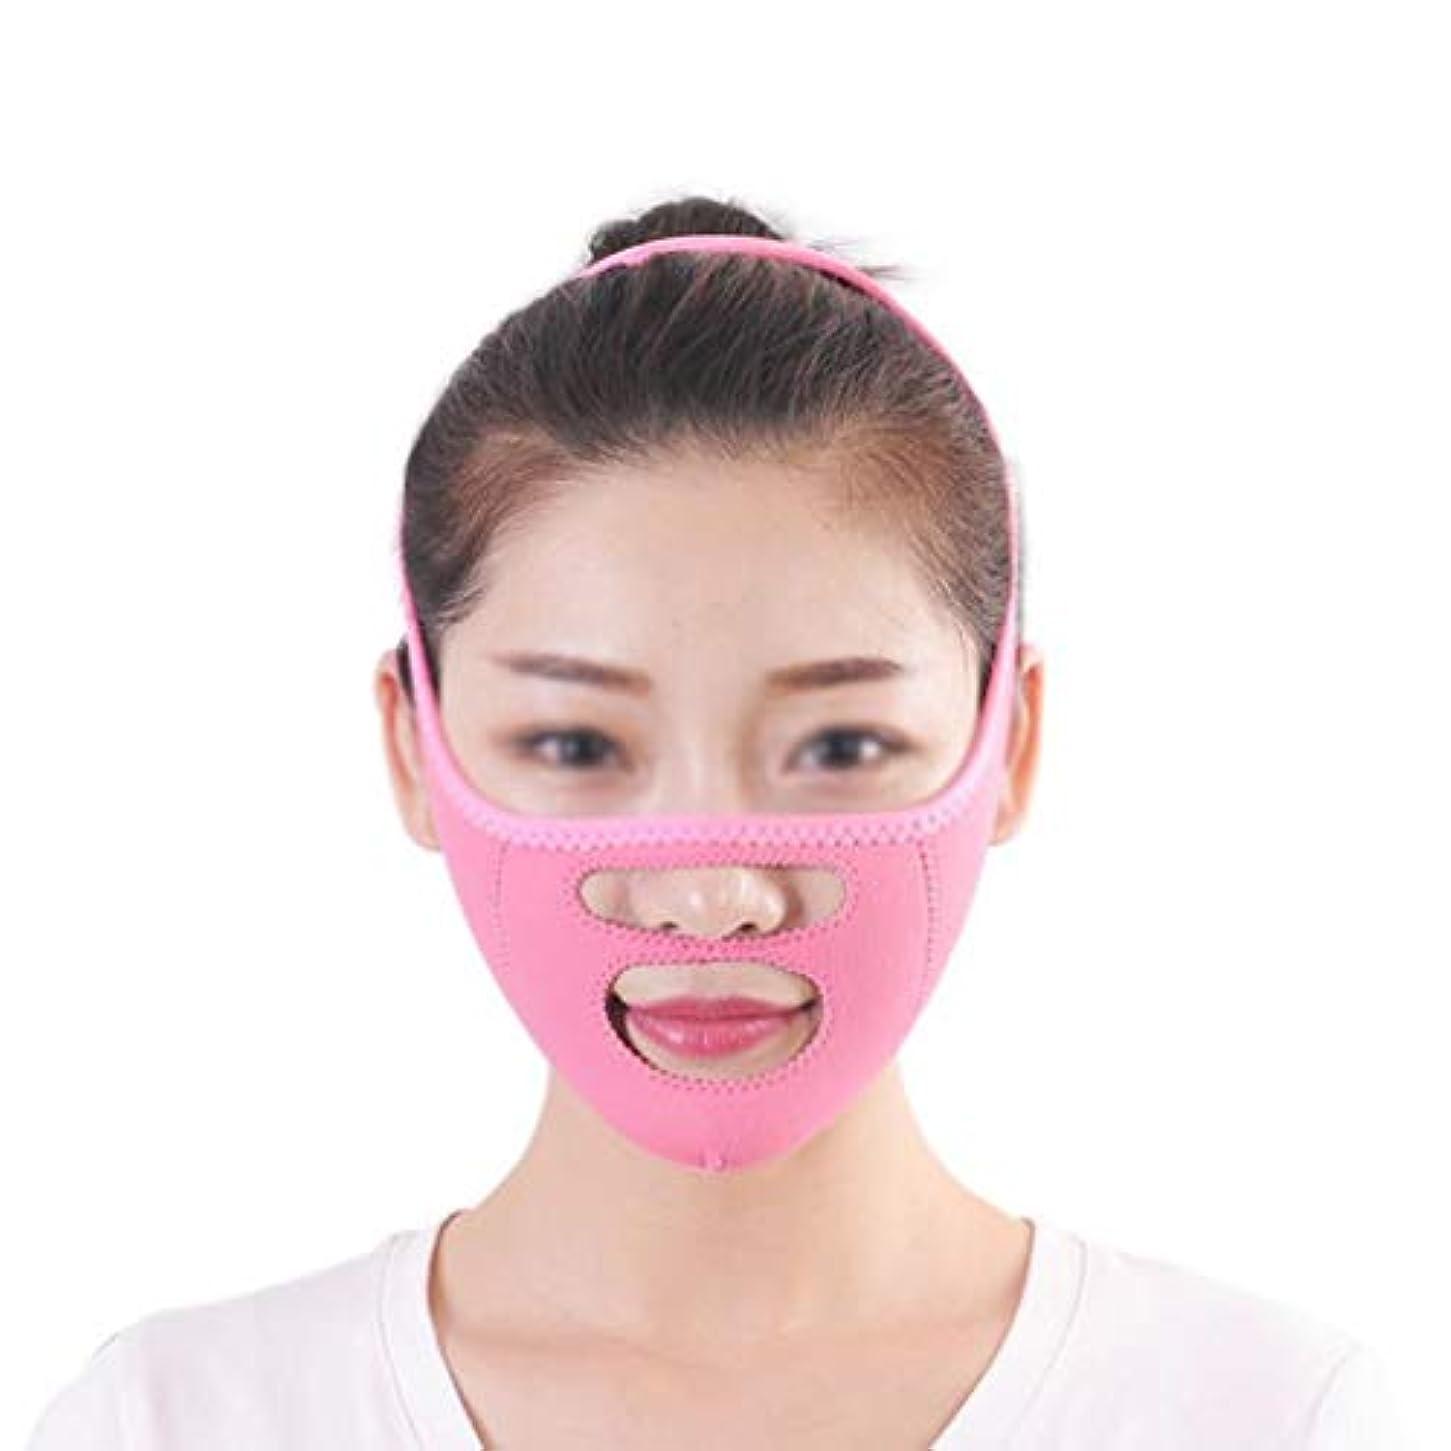 見分けるめまい大量ZWBD フェイスマスク, 薄い顔のアーティファクト包帯Vの顔薄い咬筋補正Vの顔のアーティファクトを整形して、身体の健康の引き締めを改善する